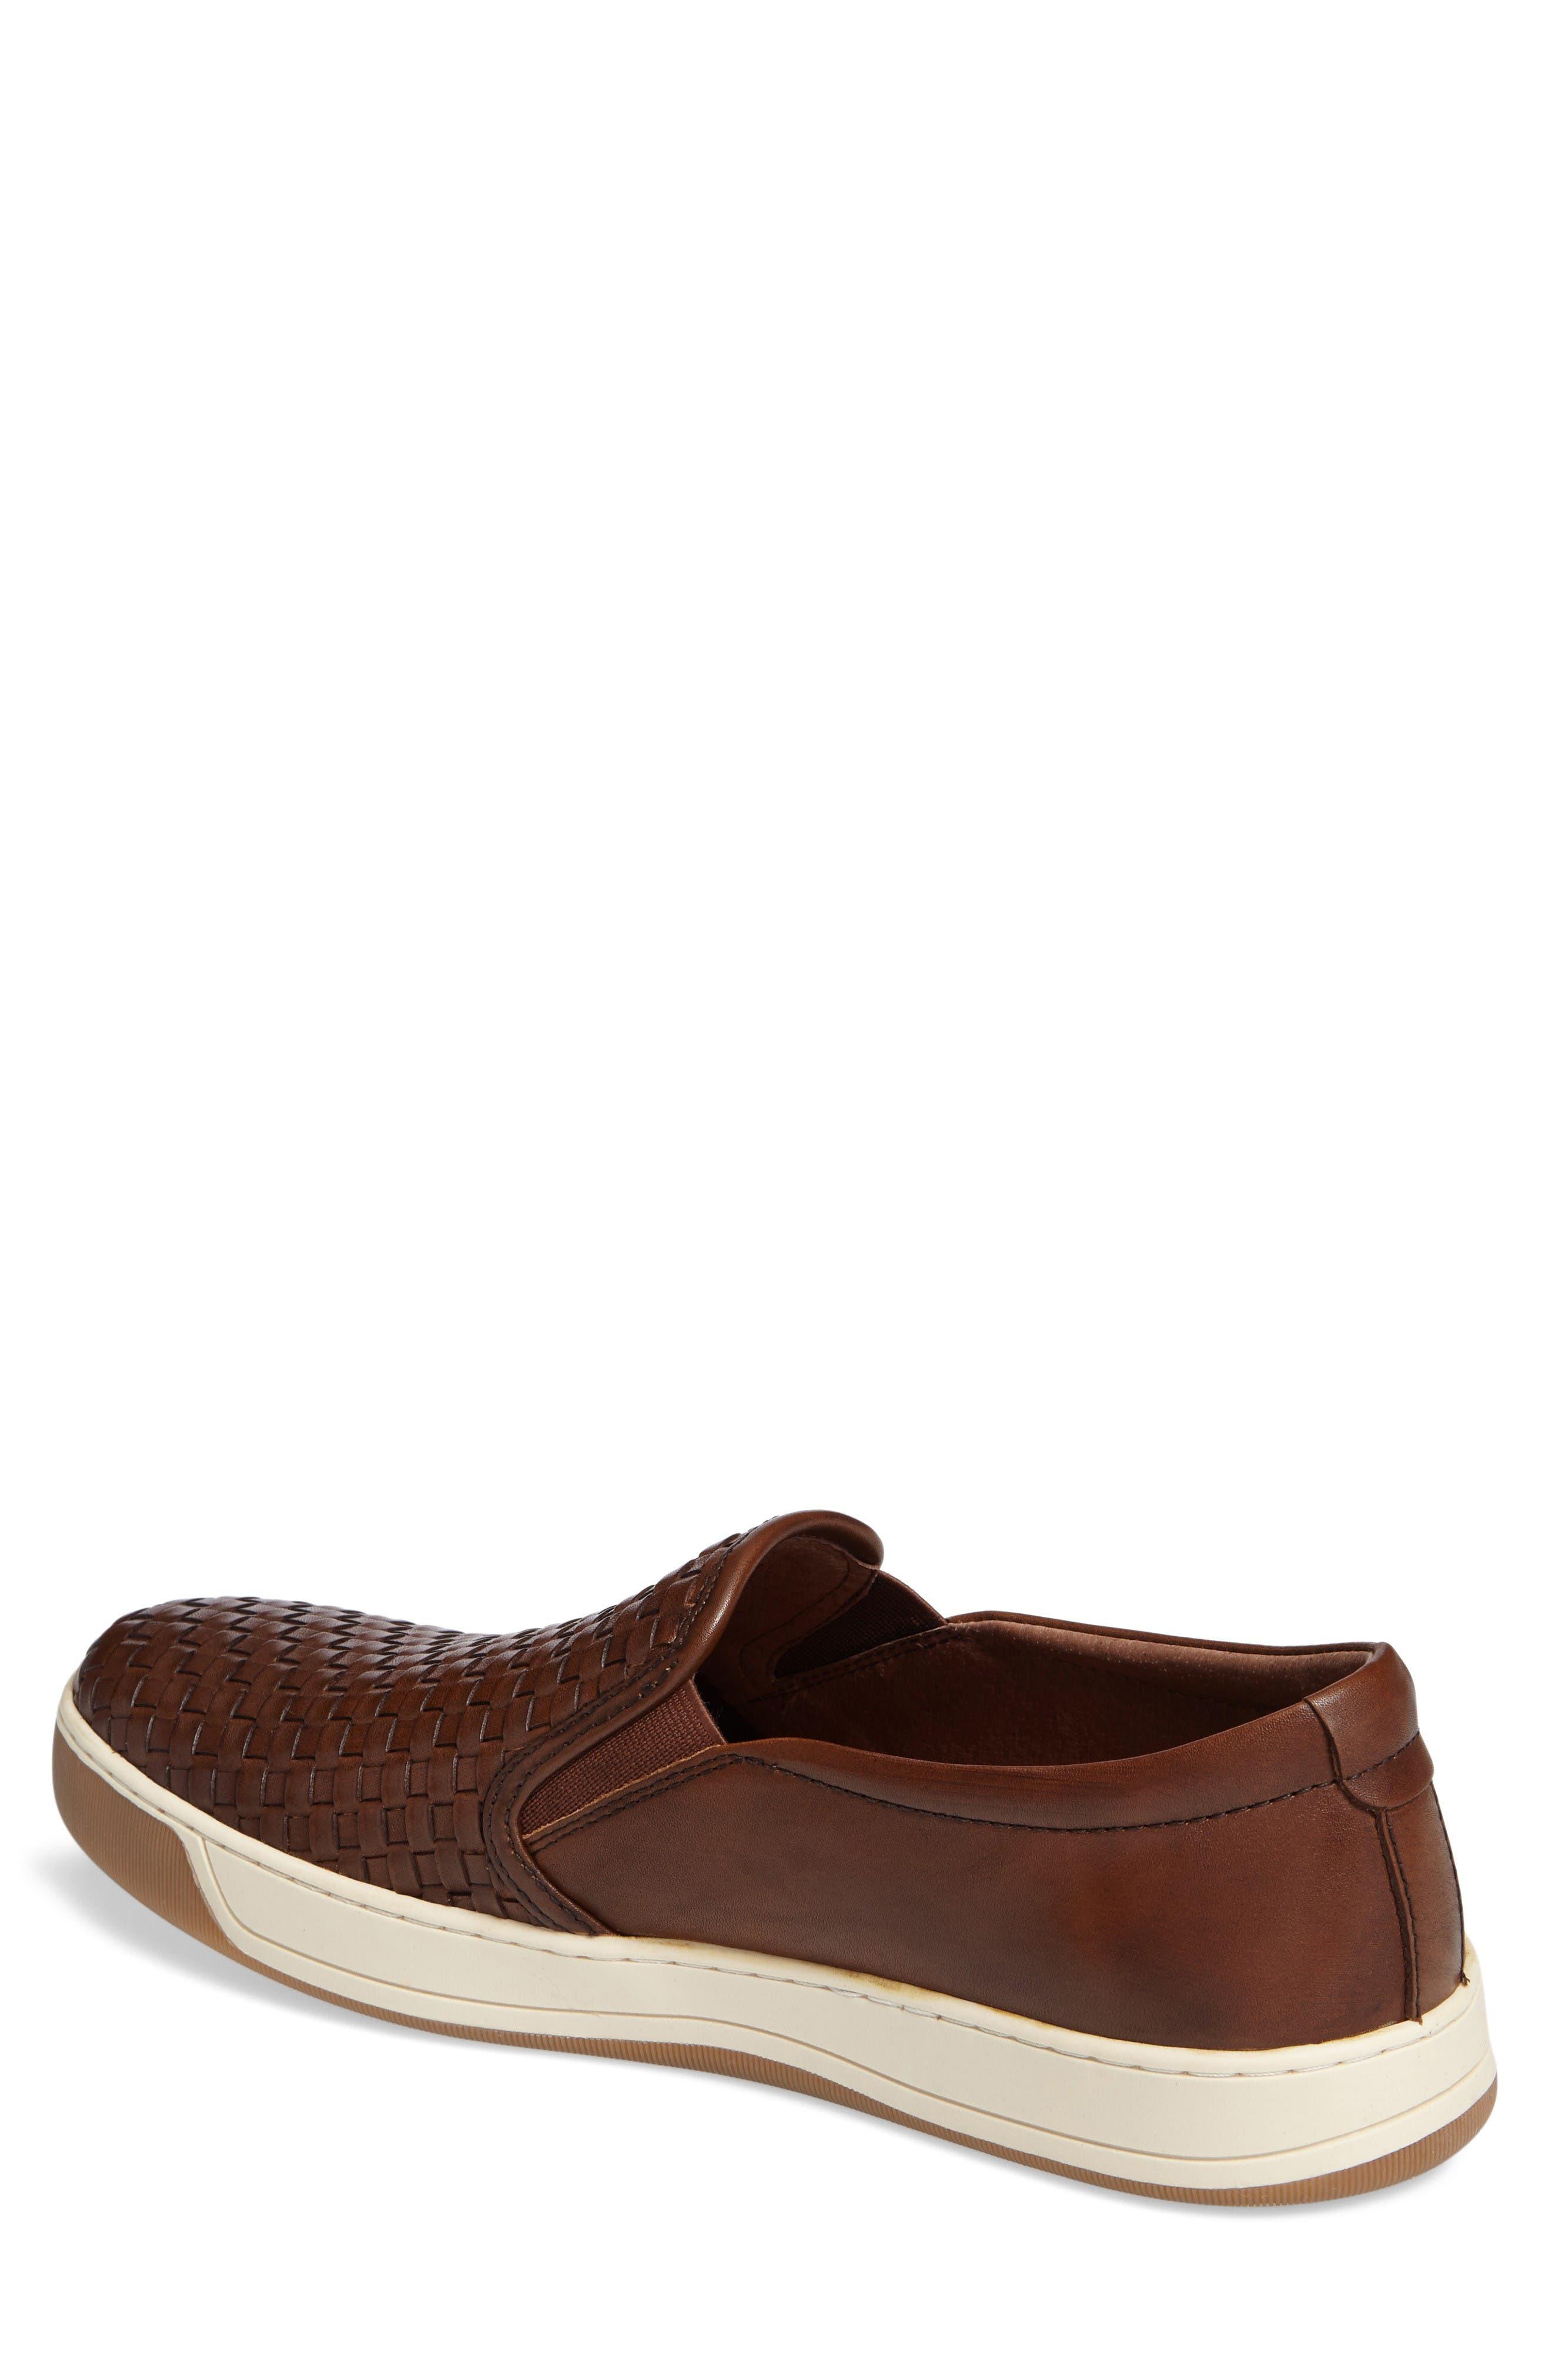 Alternate Image 2  - J&M 1850 Allister Slip-On Sneaker (Men)